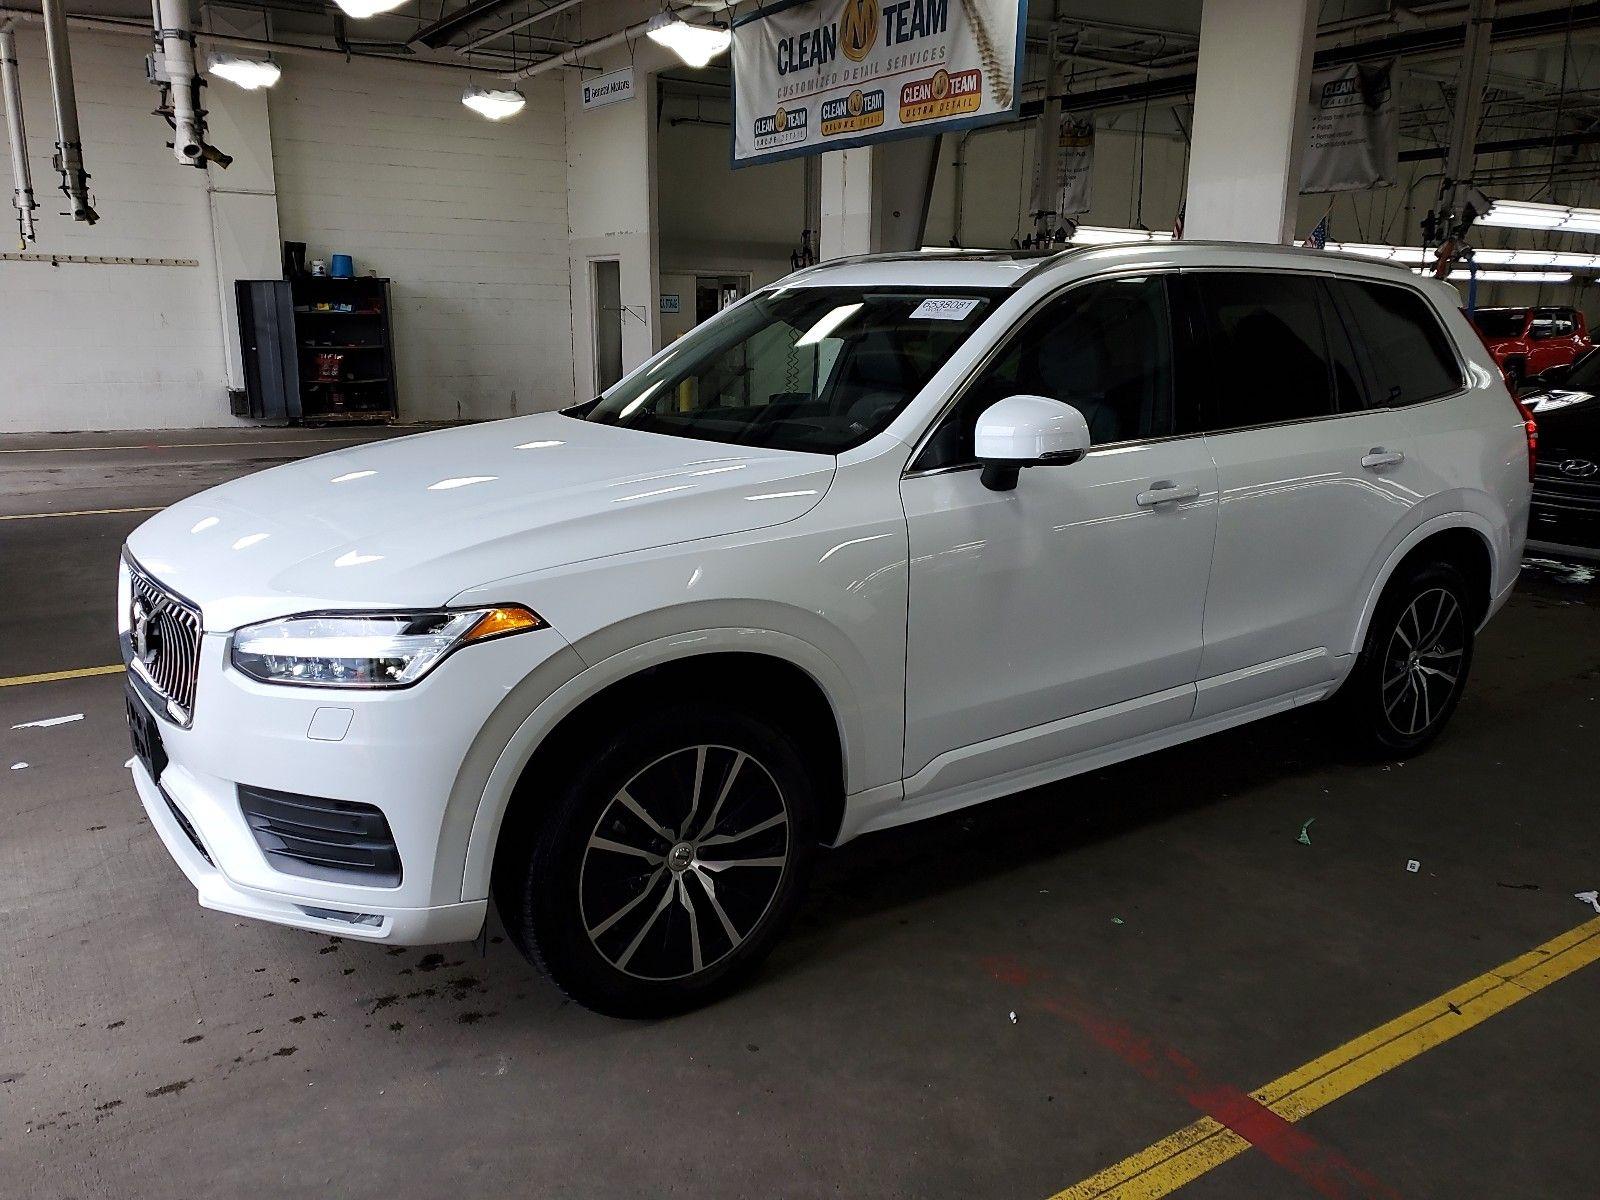 2020 Volvo Xc90 2.0. Lot 99921154392 Vin YV4A22PK4L1546653